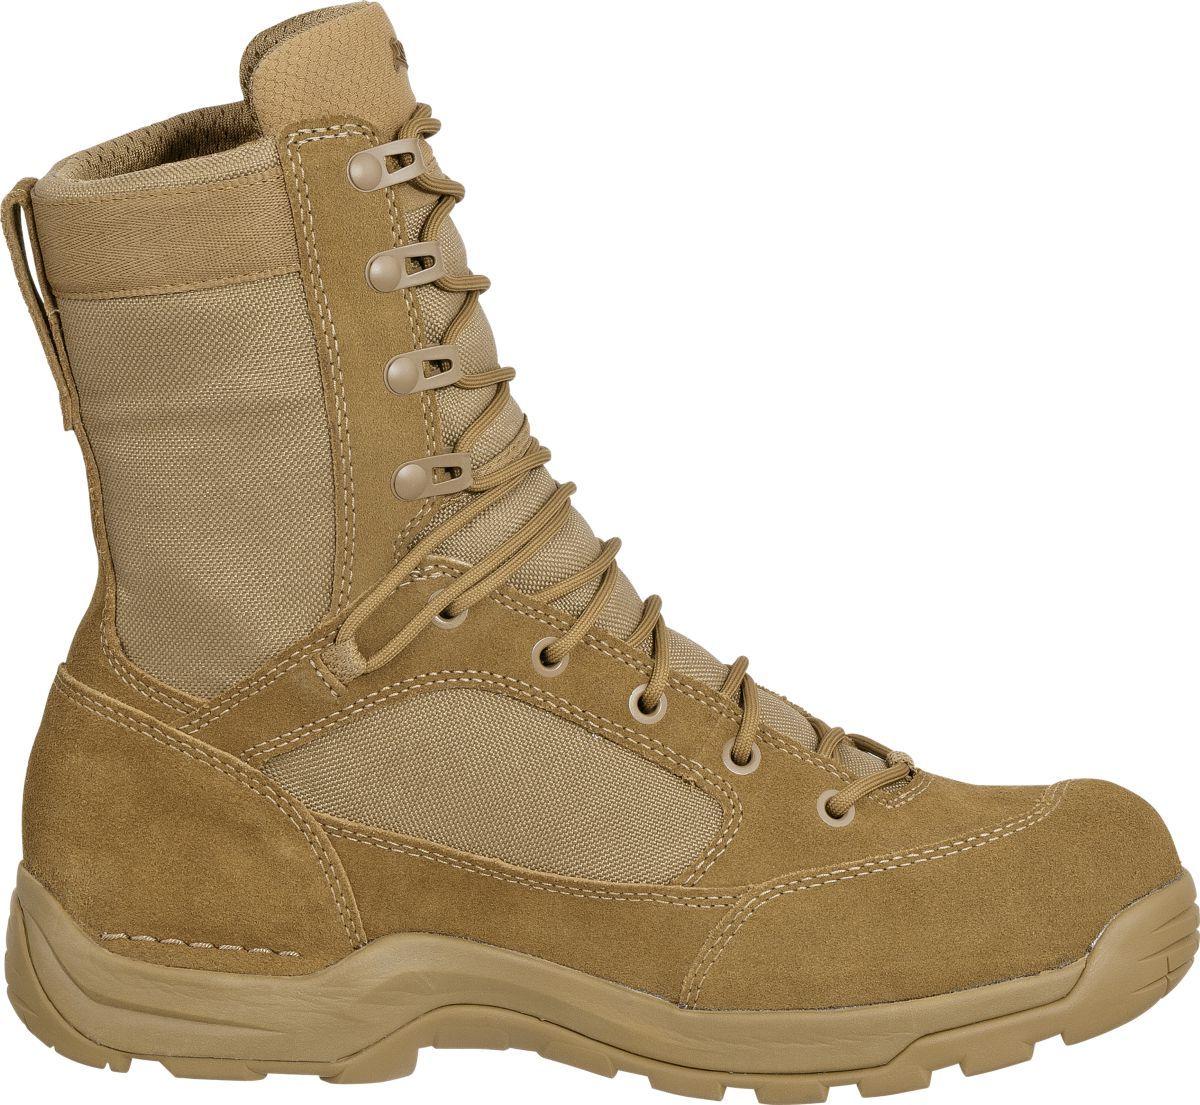 Danner® Men's Desert TFX G3 Boots